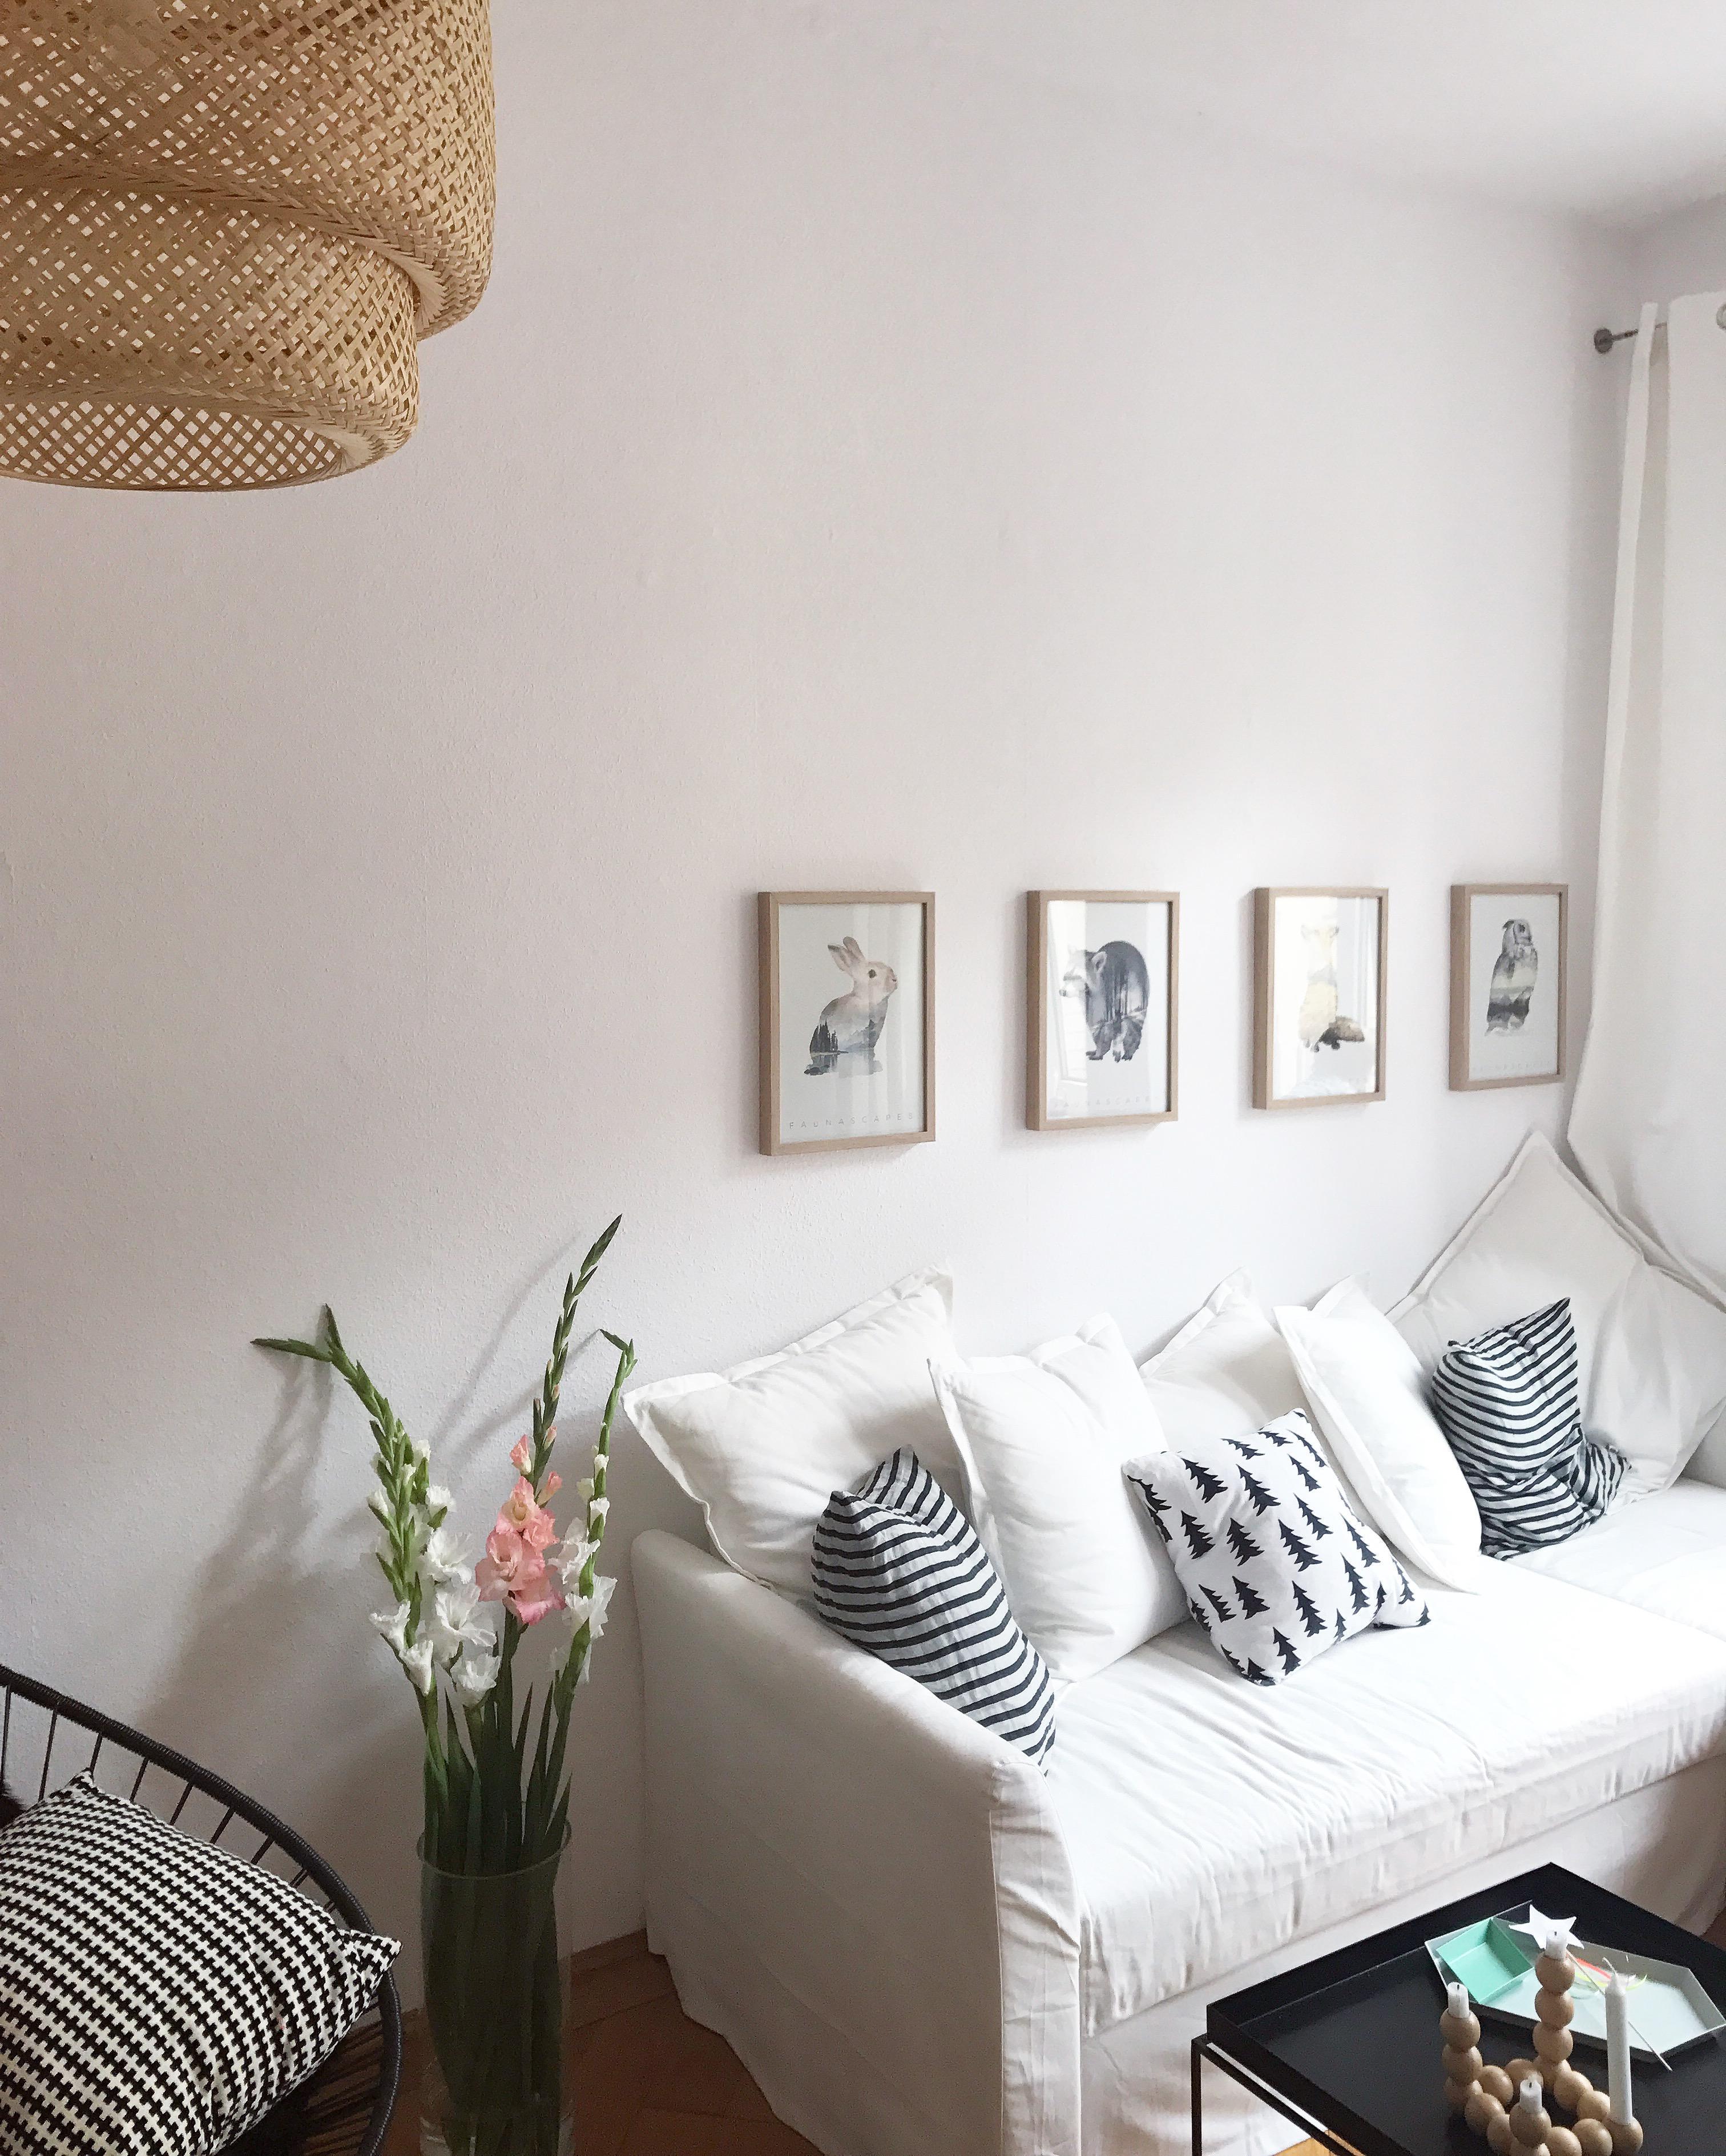 gemälde wohnzimmer 95 wohnzimmer bilder blumen einblatt ist